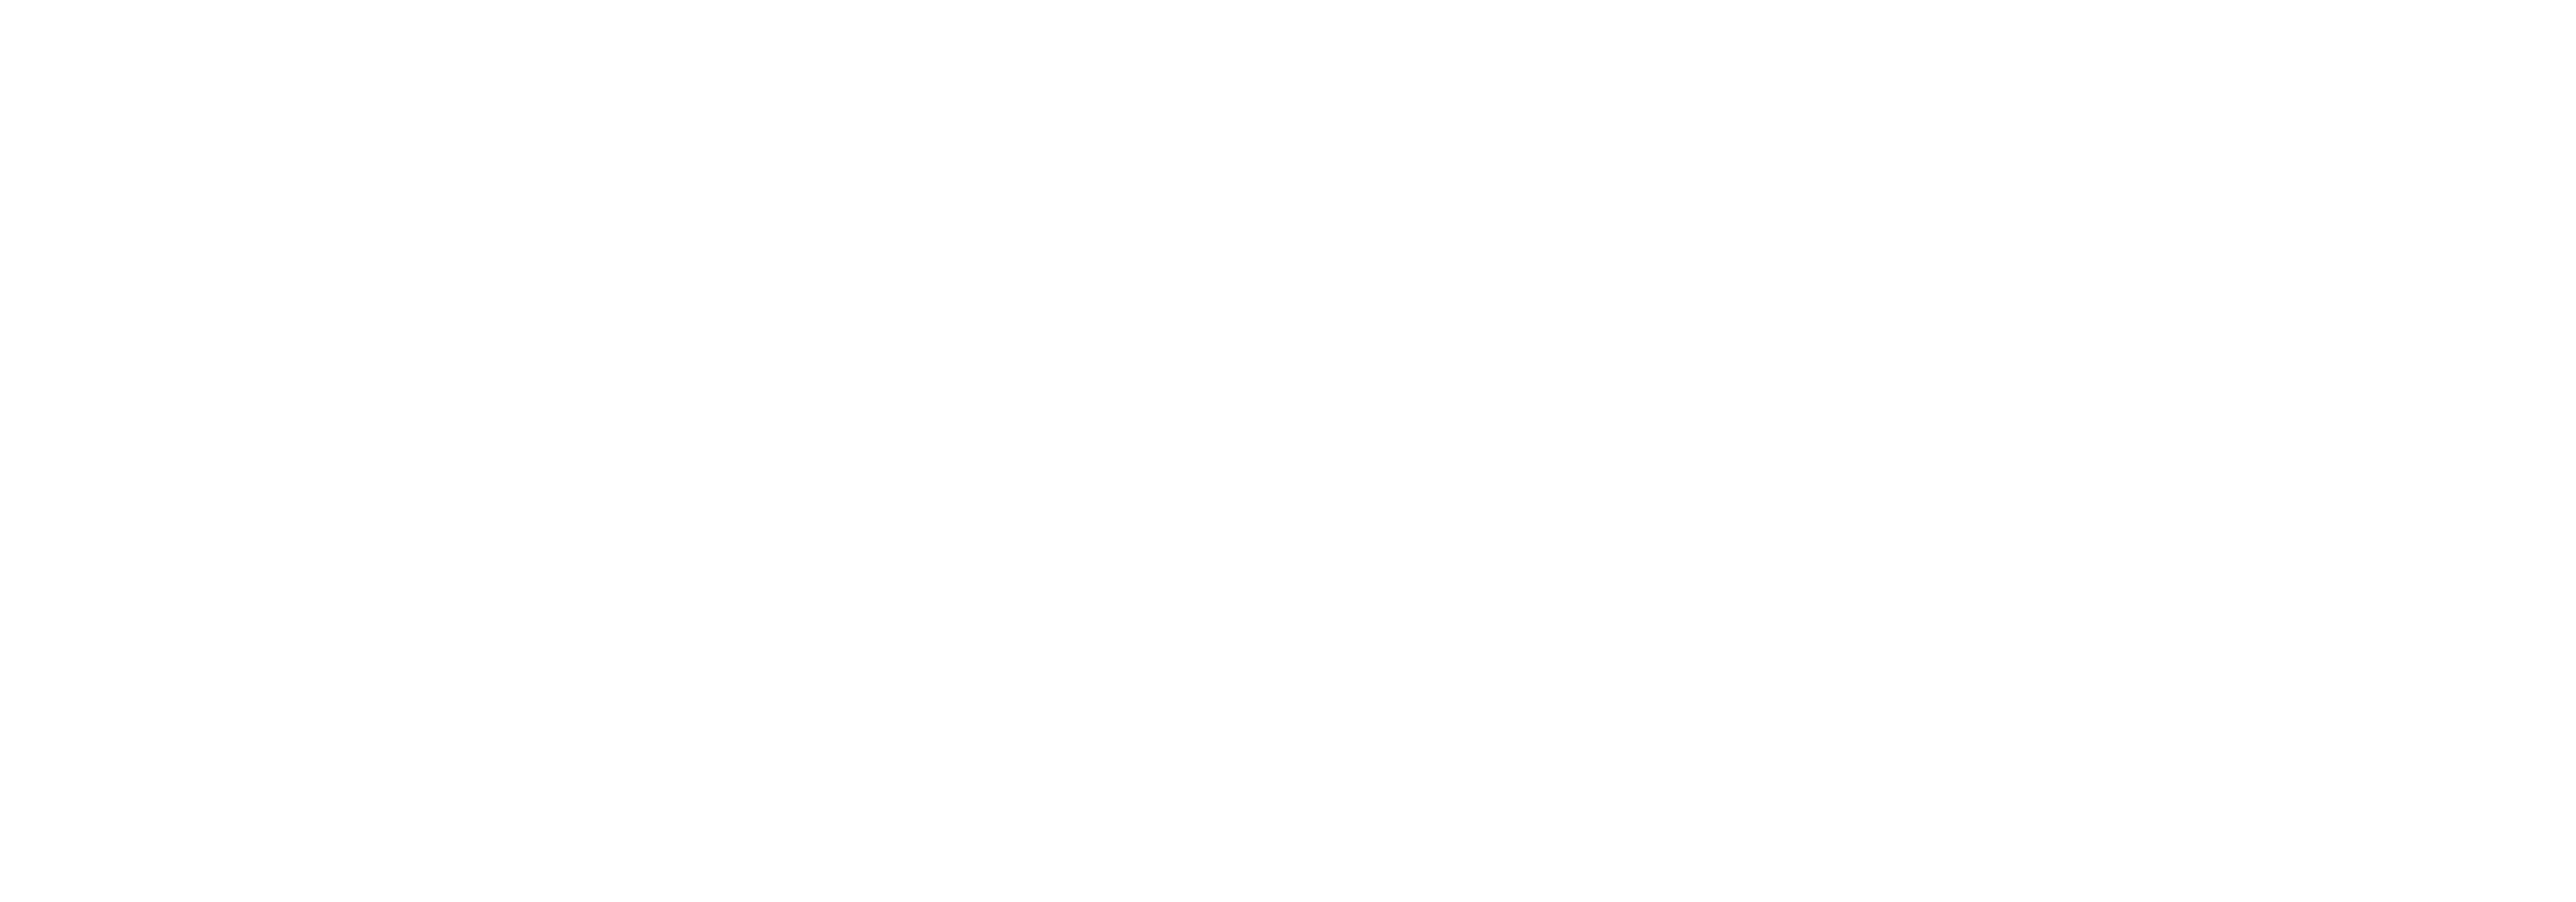 Istruzioni brewing Aeropress